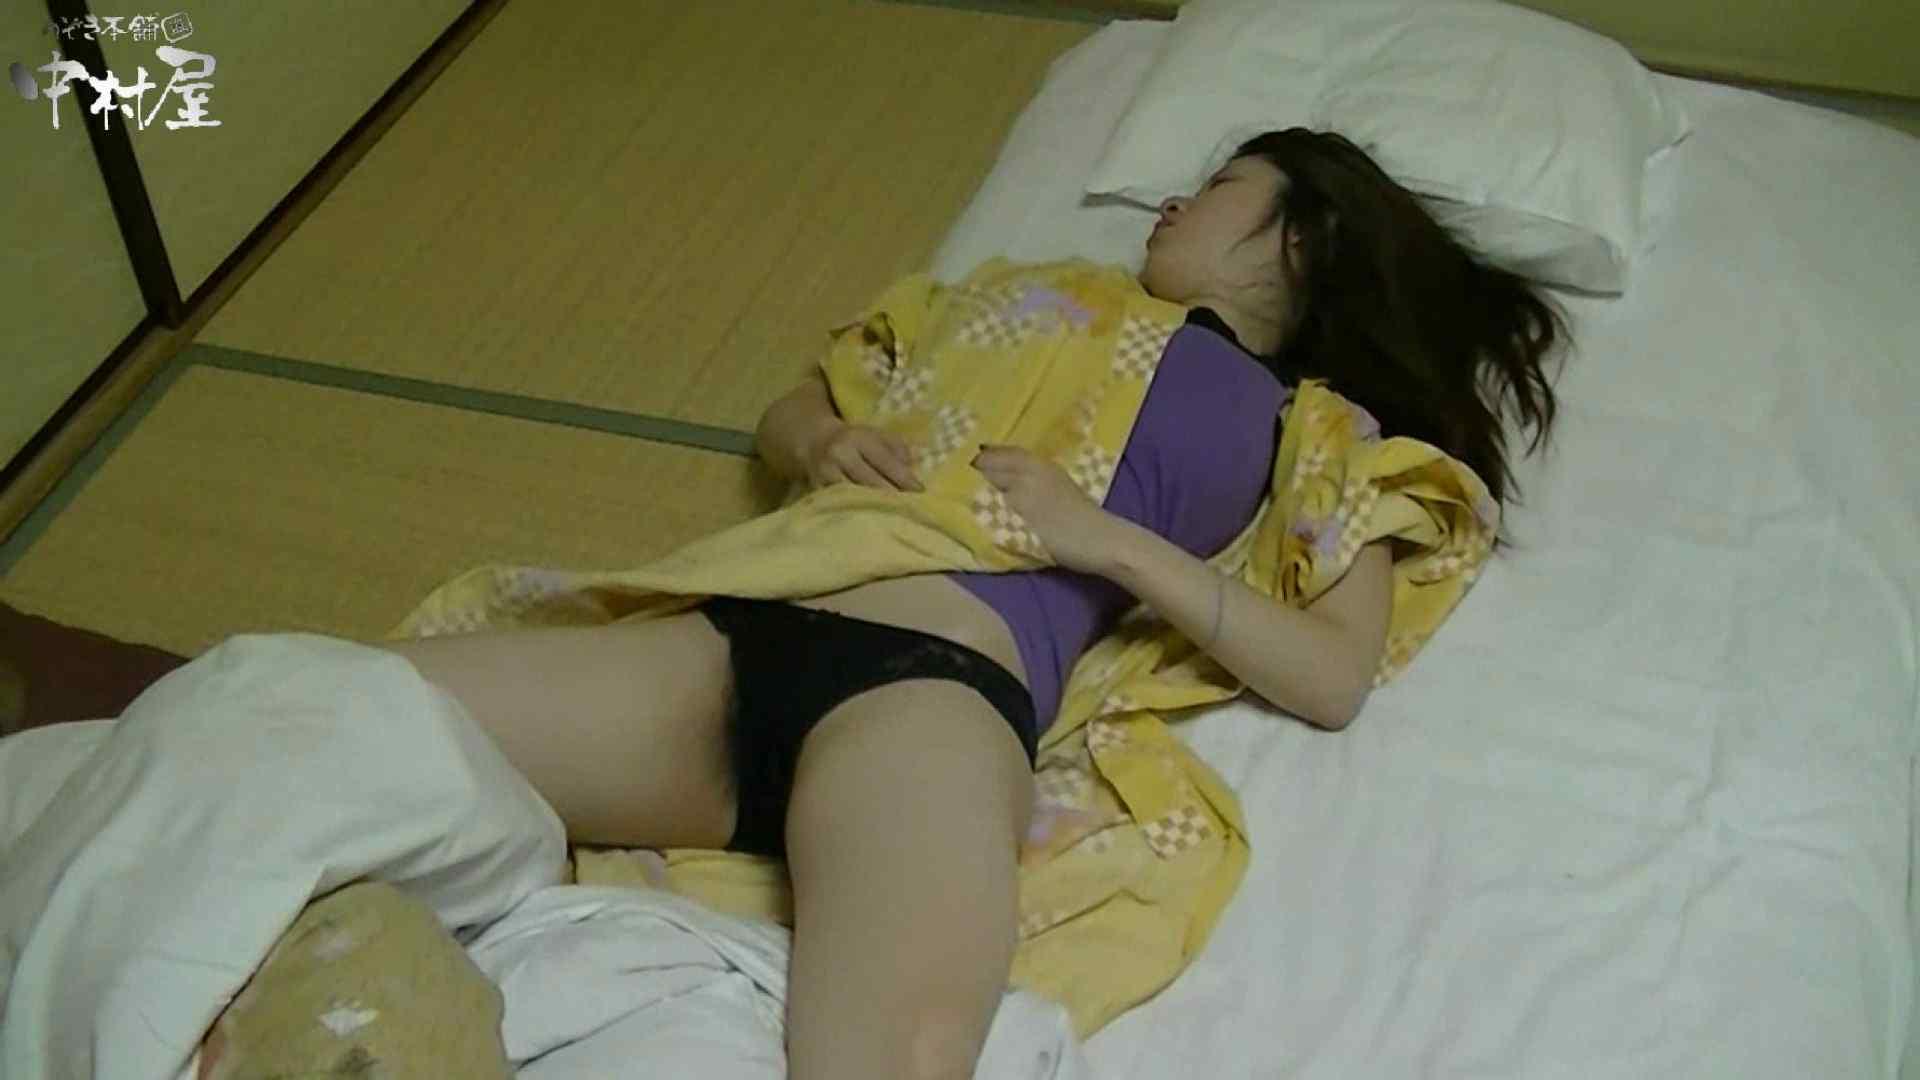 ネムリ姫 vol.16 ホテル ワレメ無修正動画無料 99pic 13